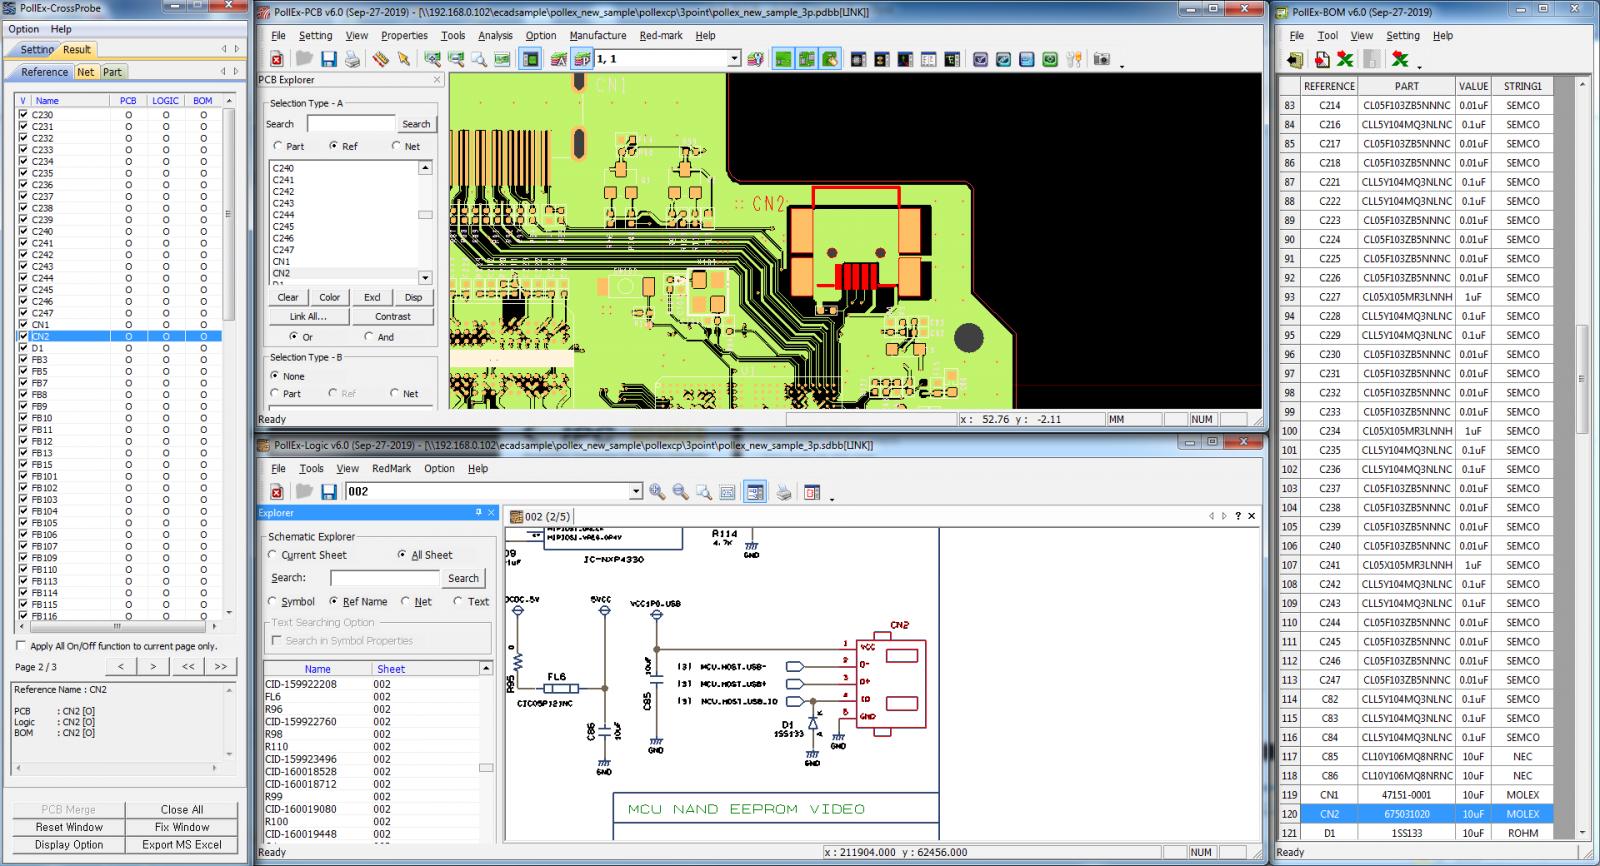 Altair Engineering плюс Polliwog Co.: новые возможности на системном уровне